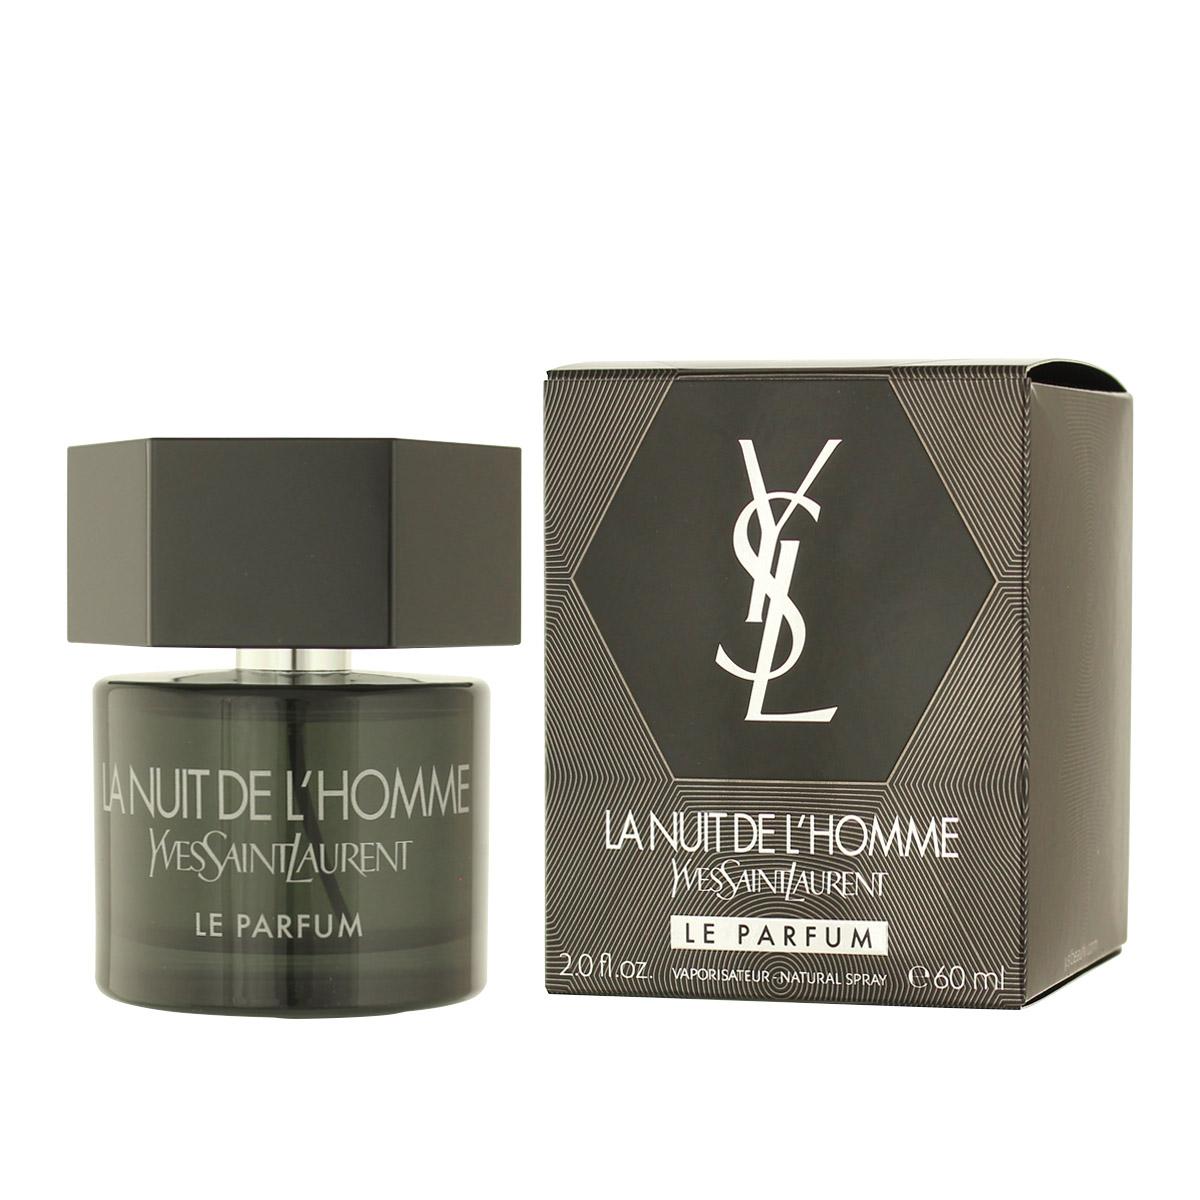 Yves Saint Laurent La Nuit de L'Homme Le Parfum Parfum 60 ml (man) 58728